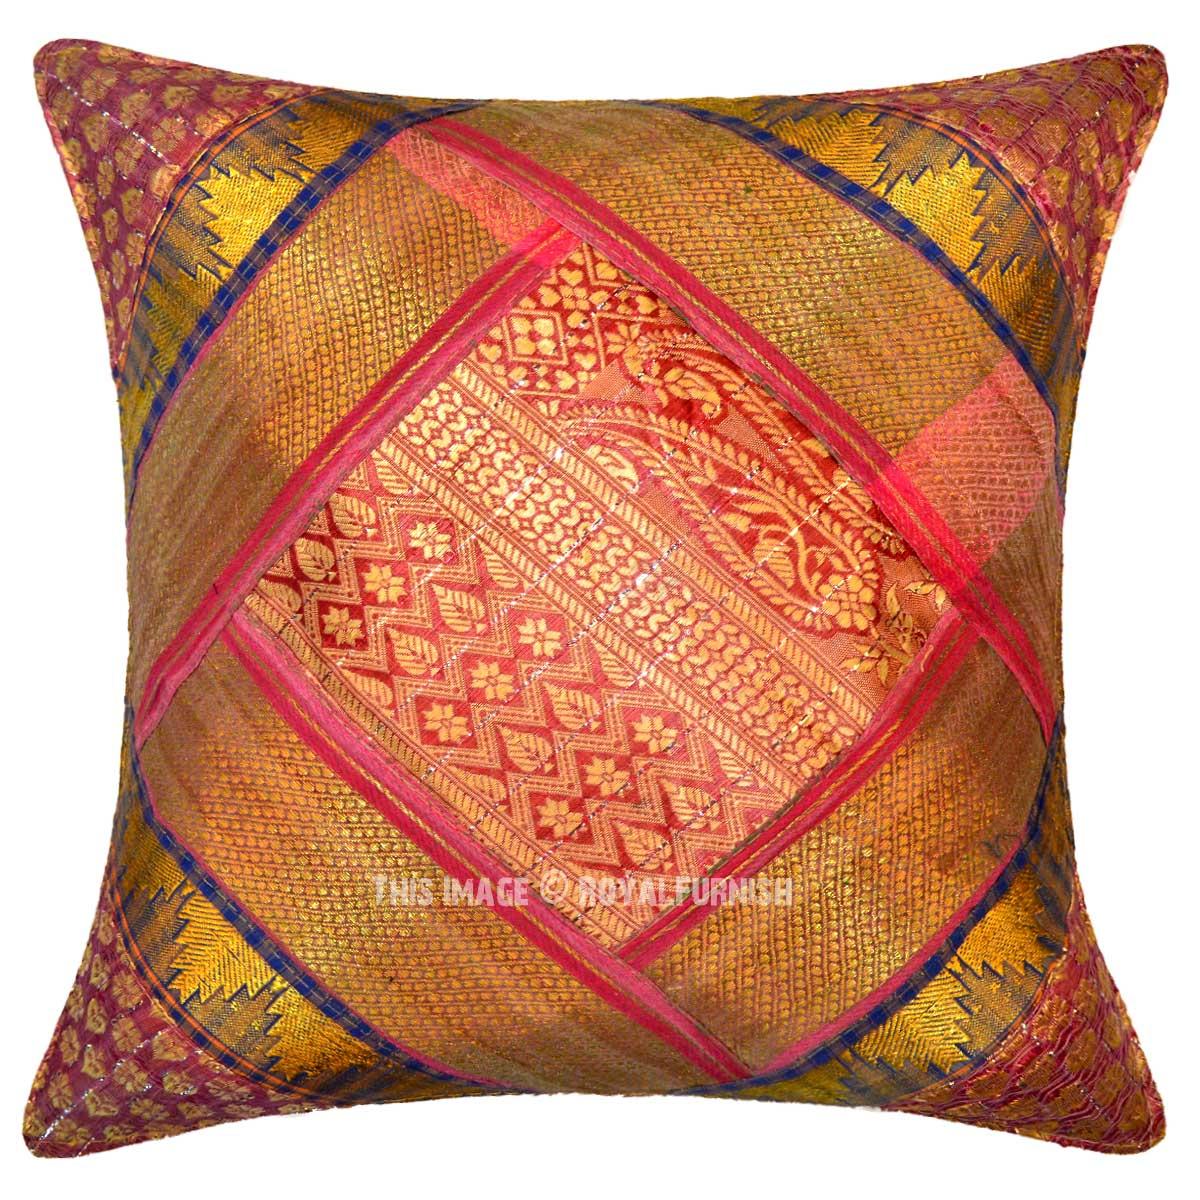 Indian Silk Brocade Pillows Sari Pillows Royal Furnish